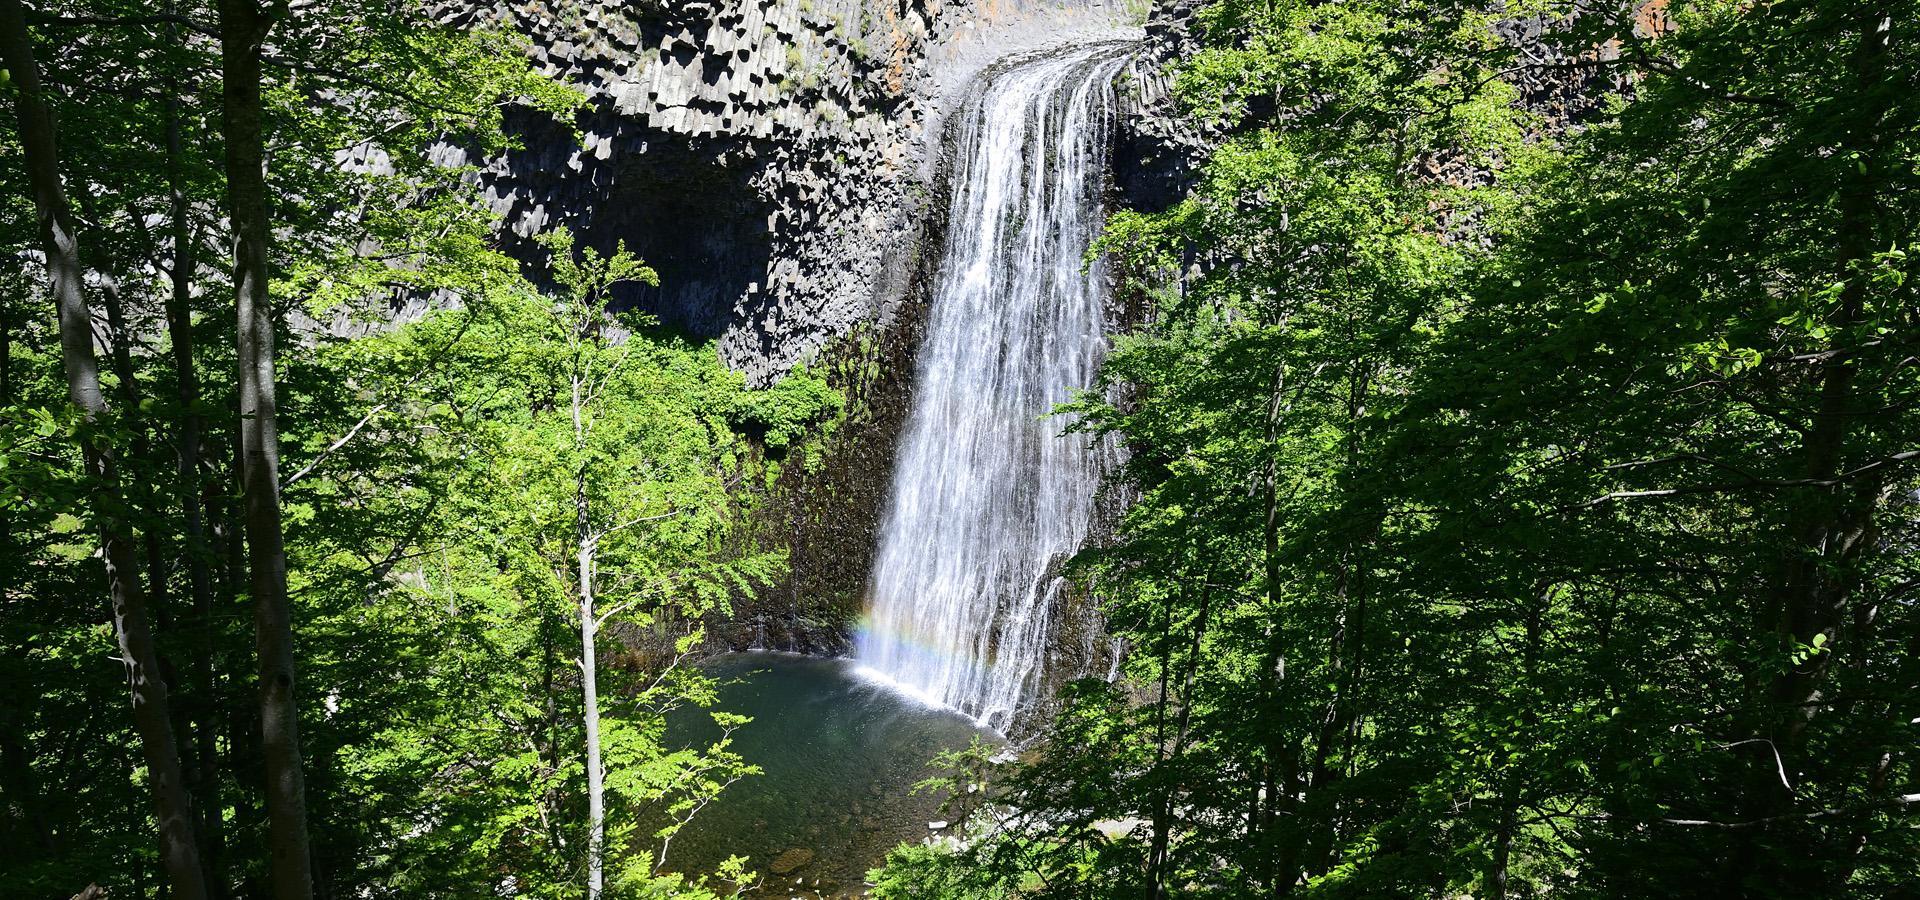 La cascade du Ray pic en Ardèche : découverte d'une cascade en.